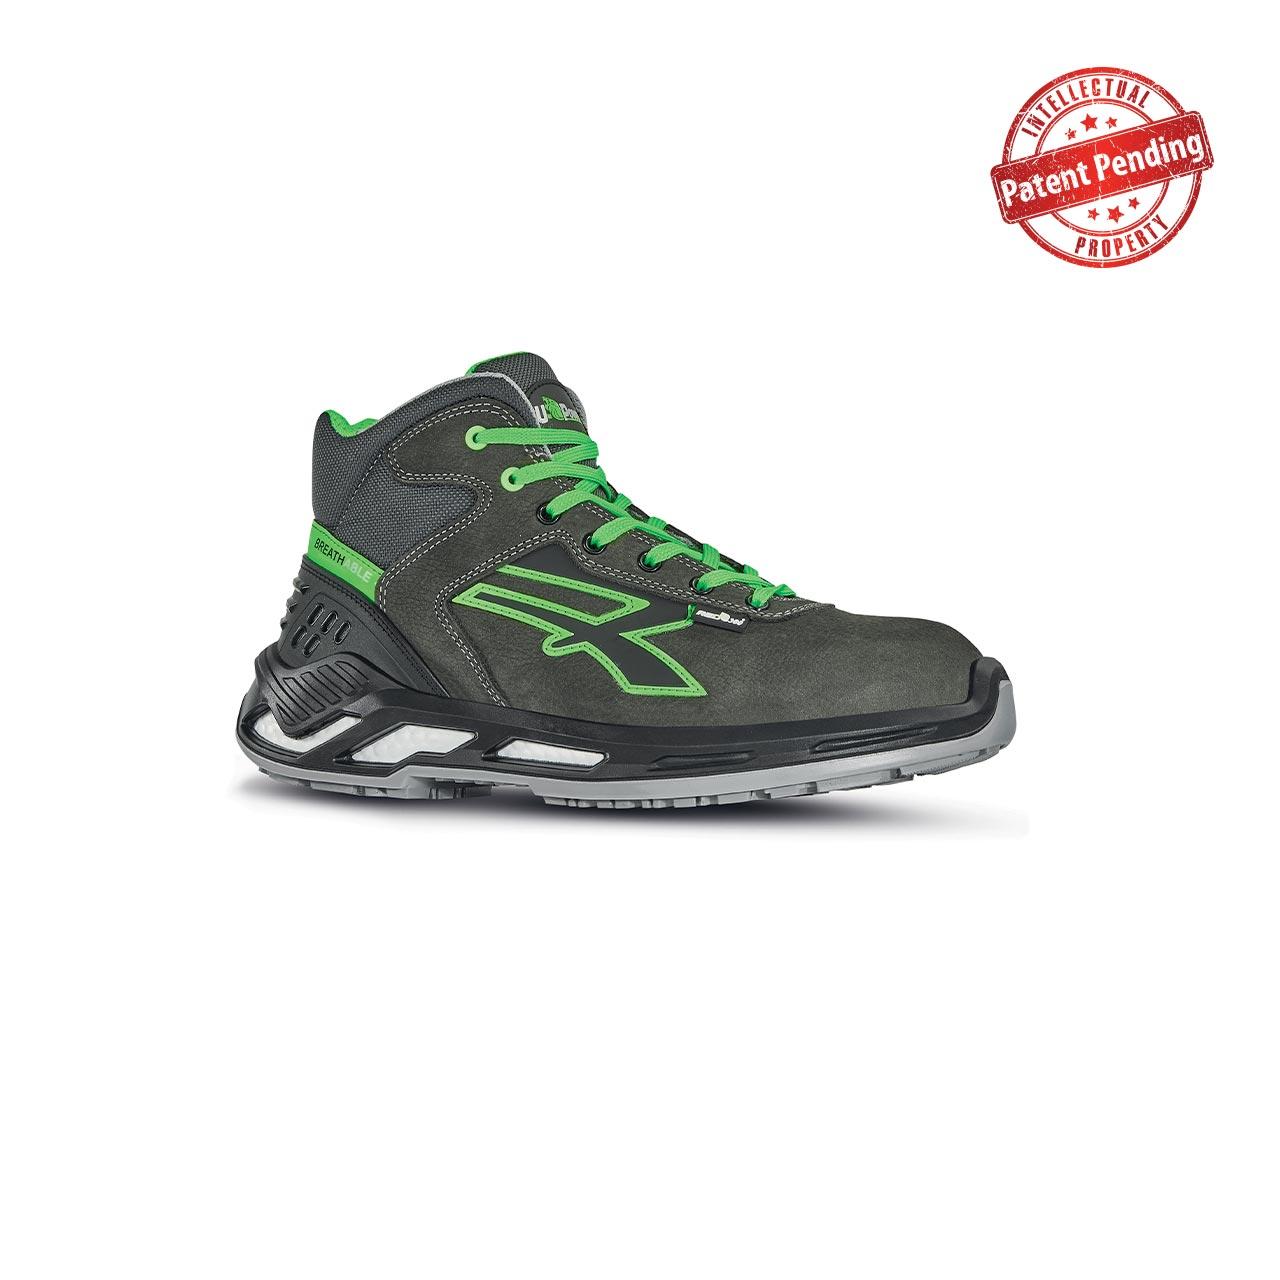 scarpa antinfortunistica upower modello daryl linea red360 vista laterale